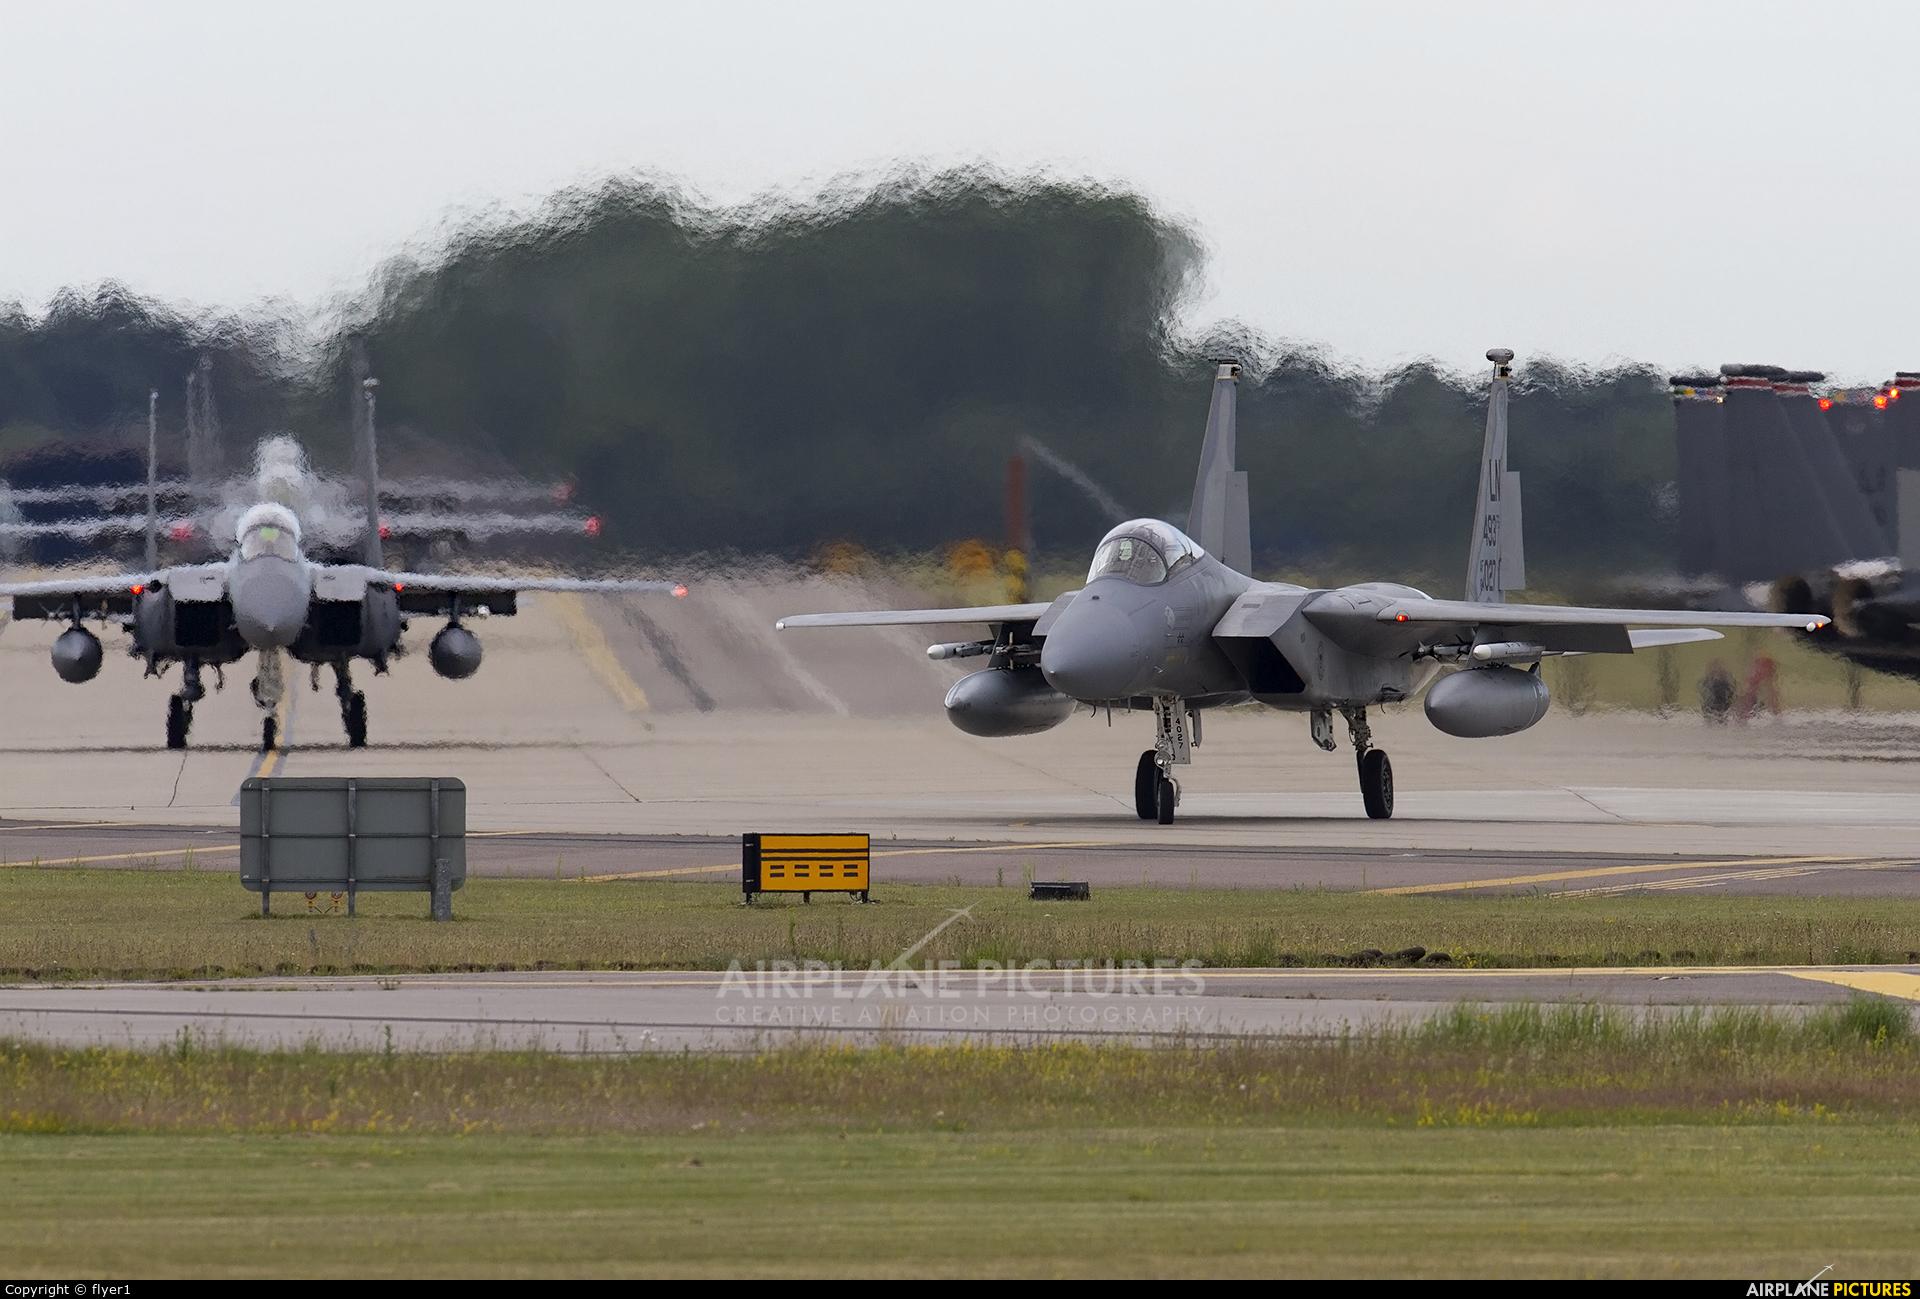 USA - Air Force 84-0027 aircraft at Lakenheath